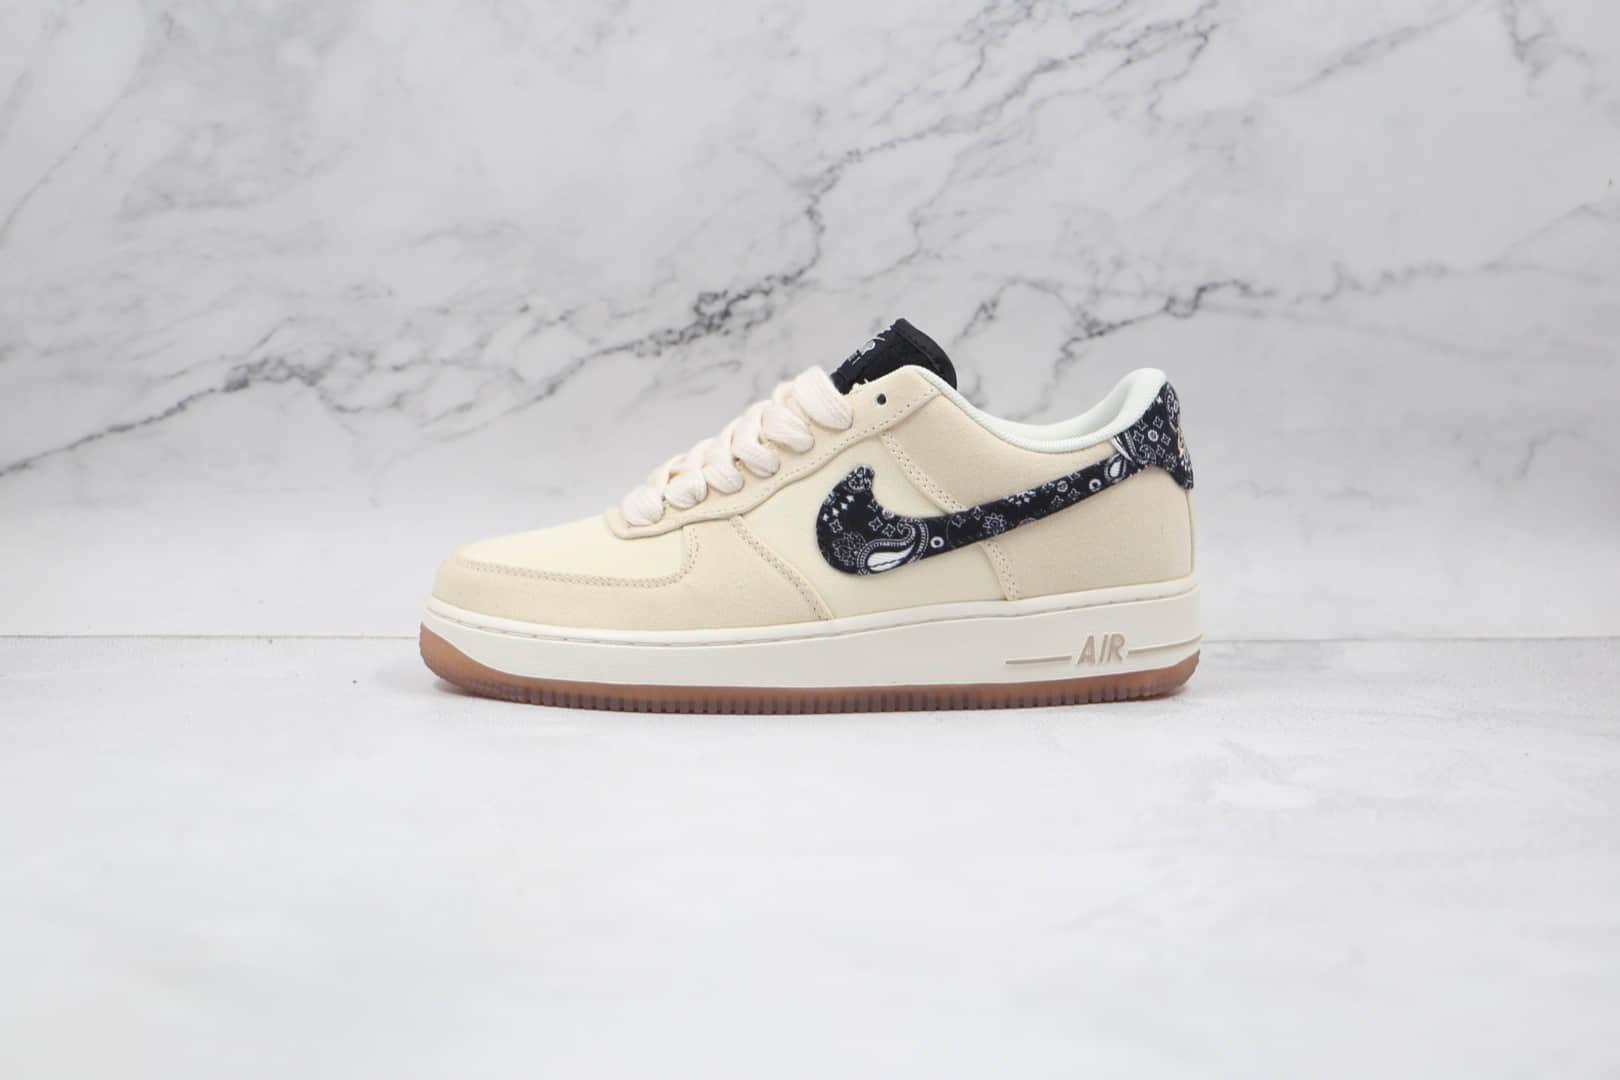 耐克Nike Air Force 1 Paisley Swooshes纯原版本低帮空军一号帆布米白色佩斯利板鞋原楦头纸板打造 货号:DJ4631-200